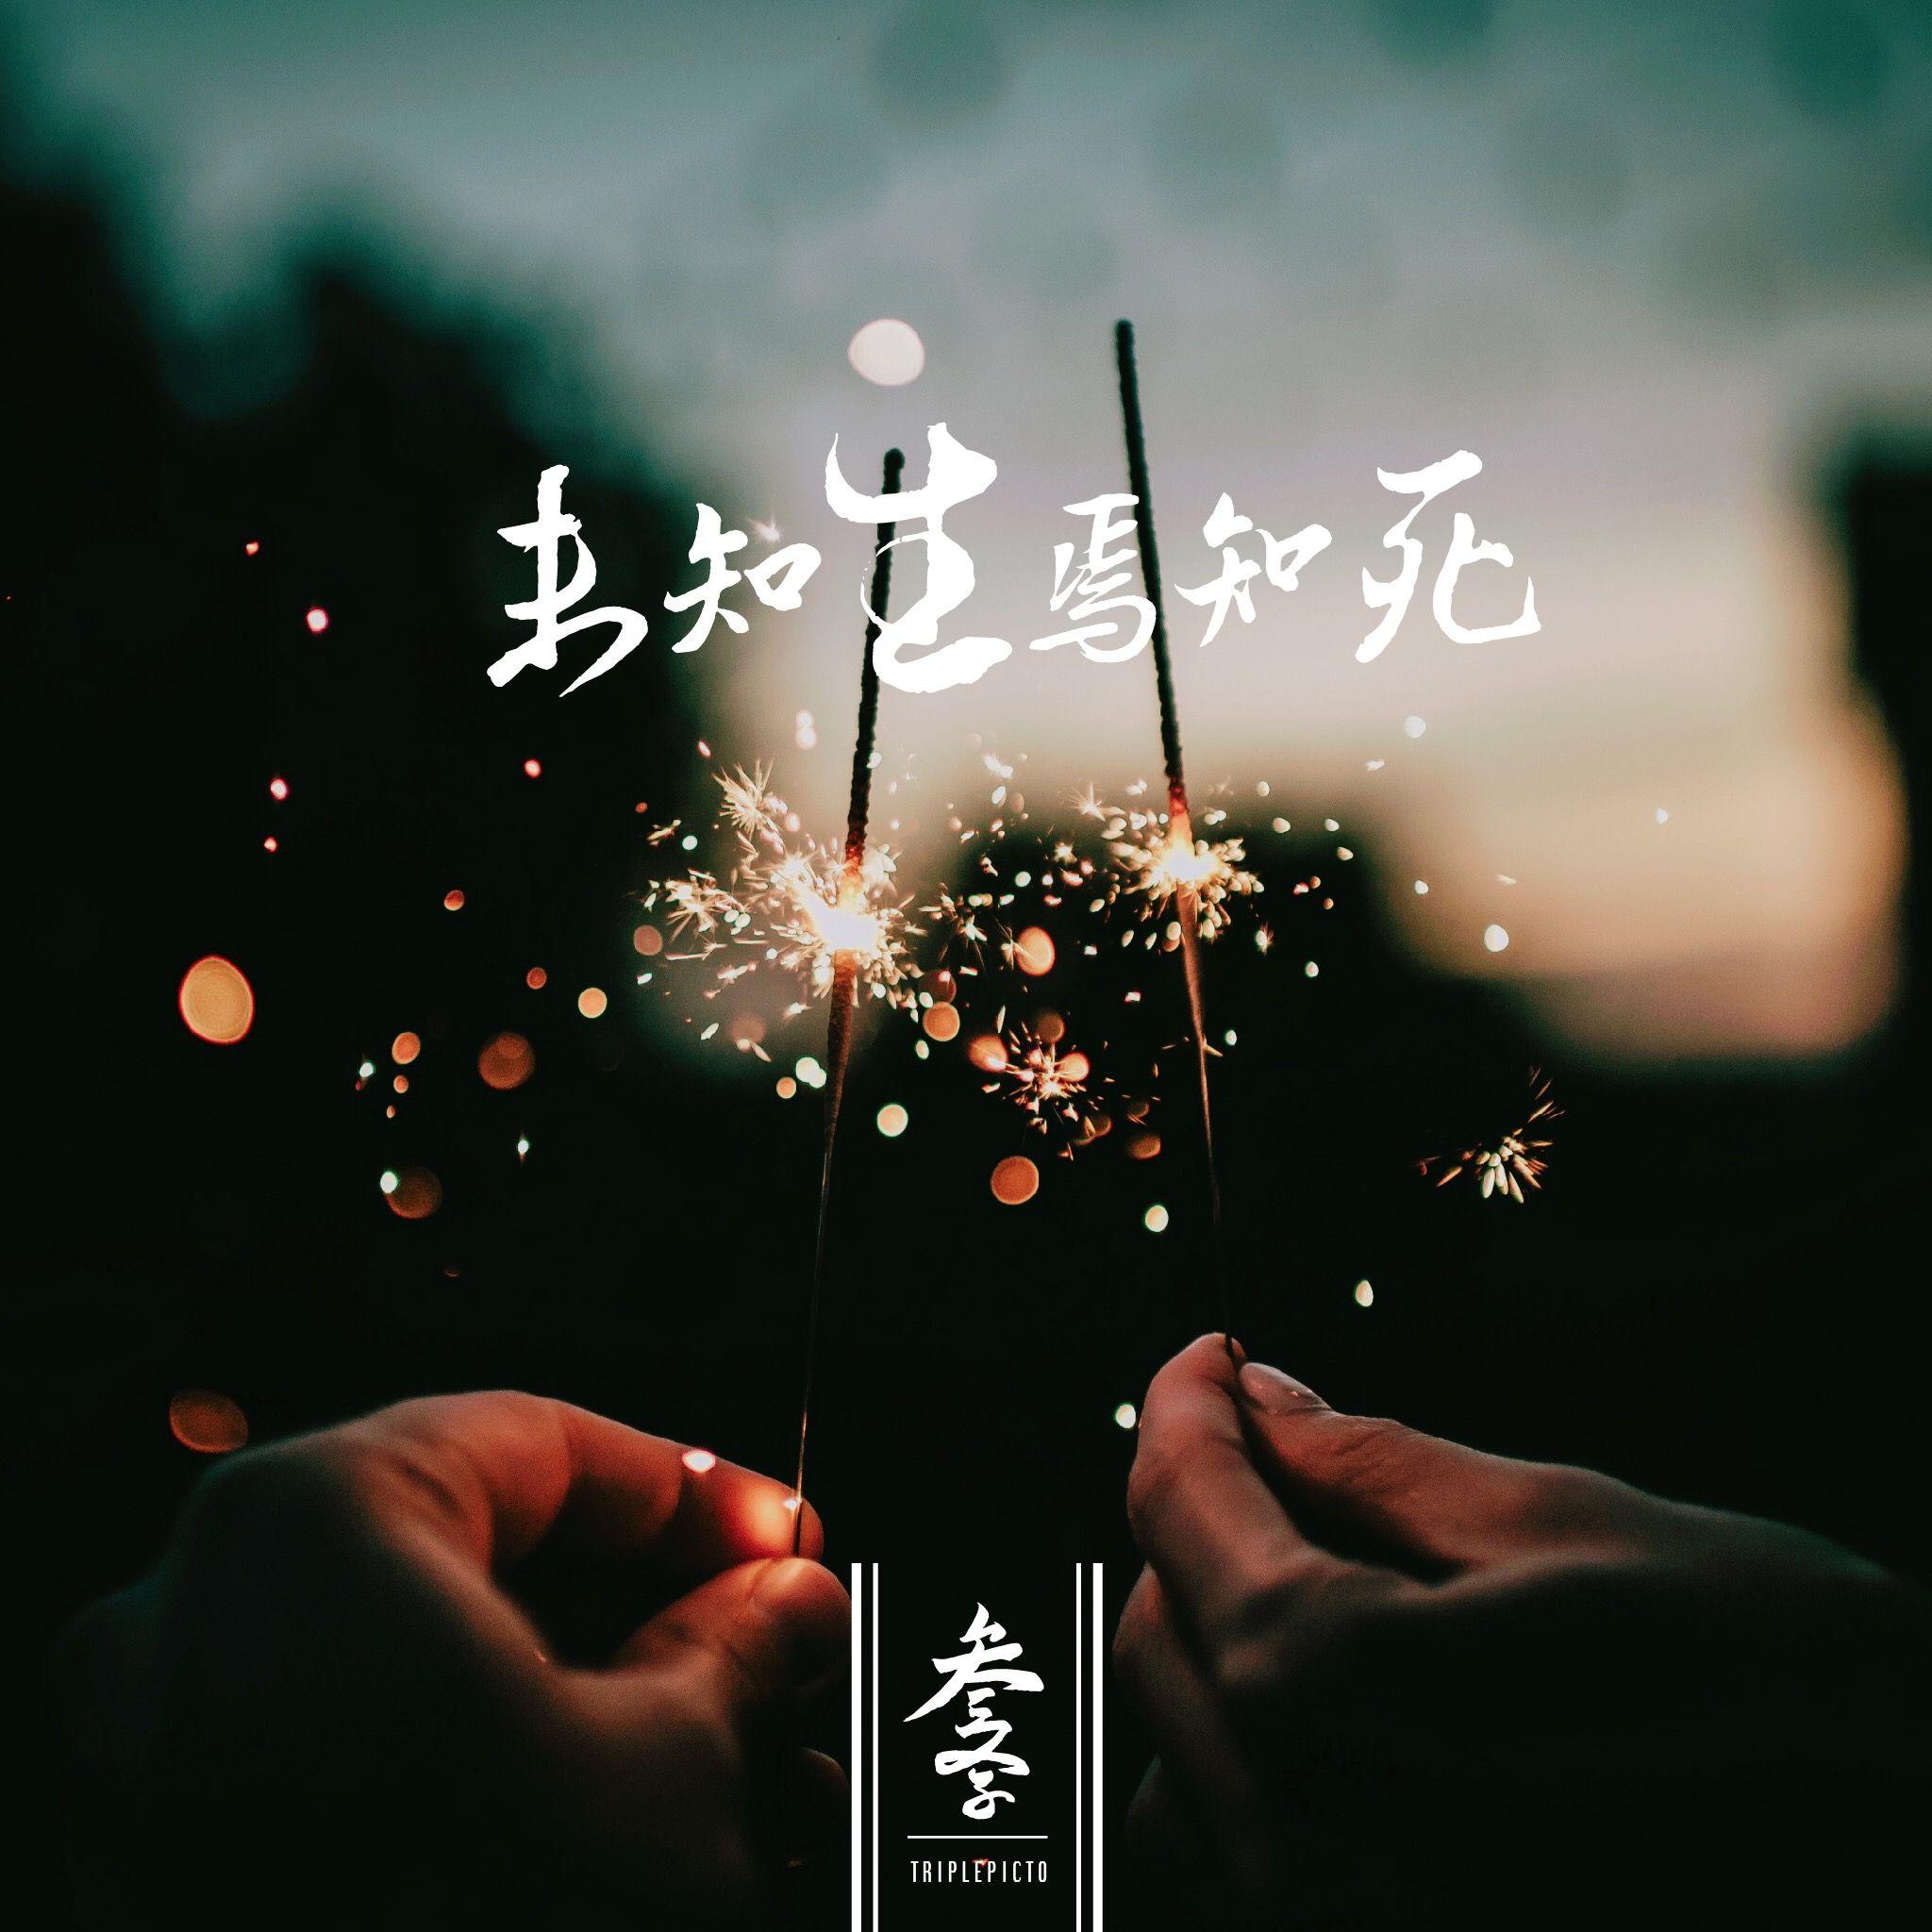 """""""未知生焉知死"""" """"While you do not know life, how can you know about death"""" Get your own Chinese tattoo at  www.triplepicto.com"""